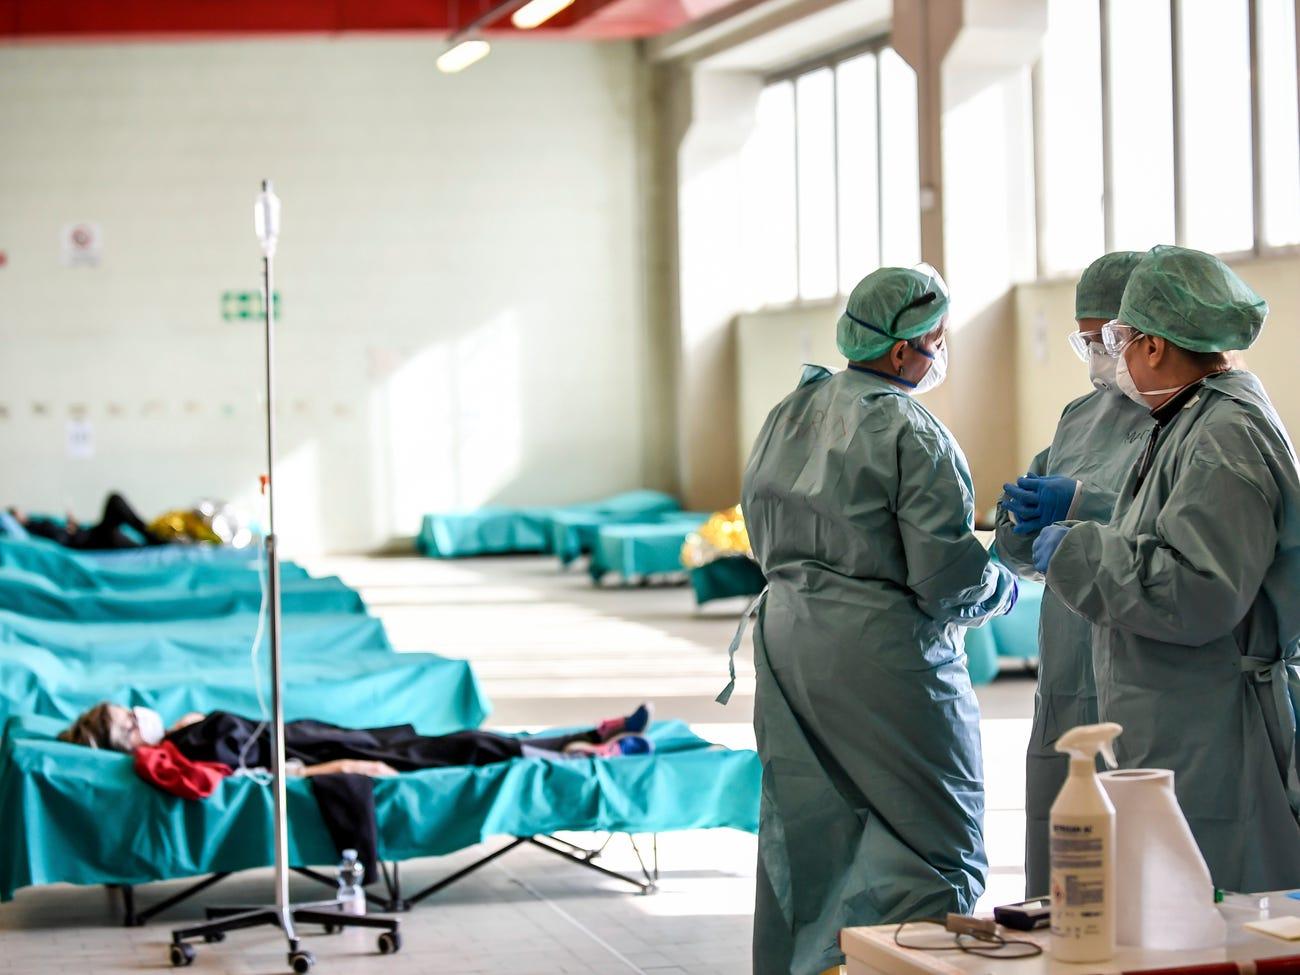 難怪是歐洲疫情中心!意大利竟敢欺瞞世衛十幾年,疫情暴發被揭穿-圖5